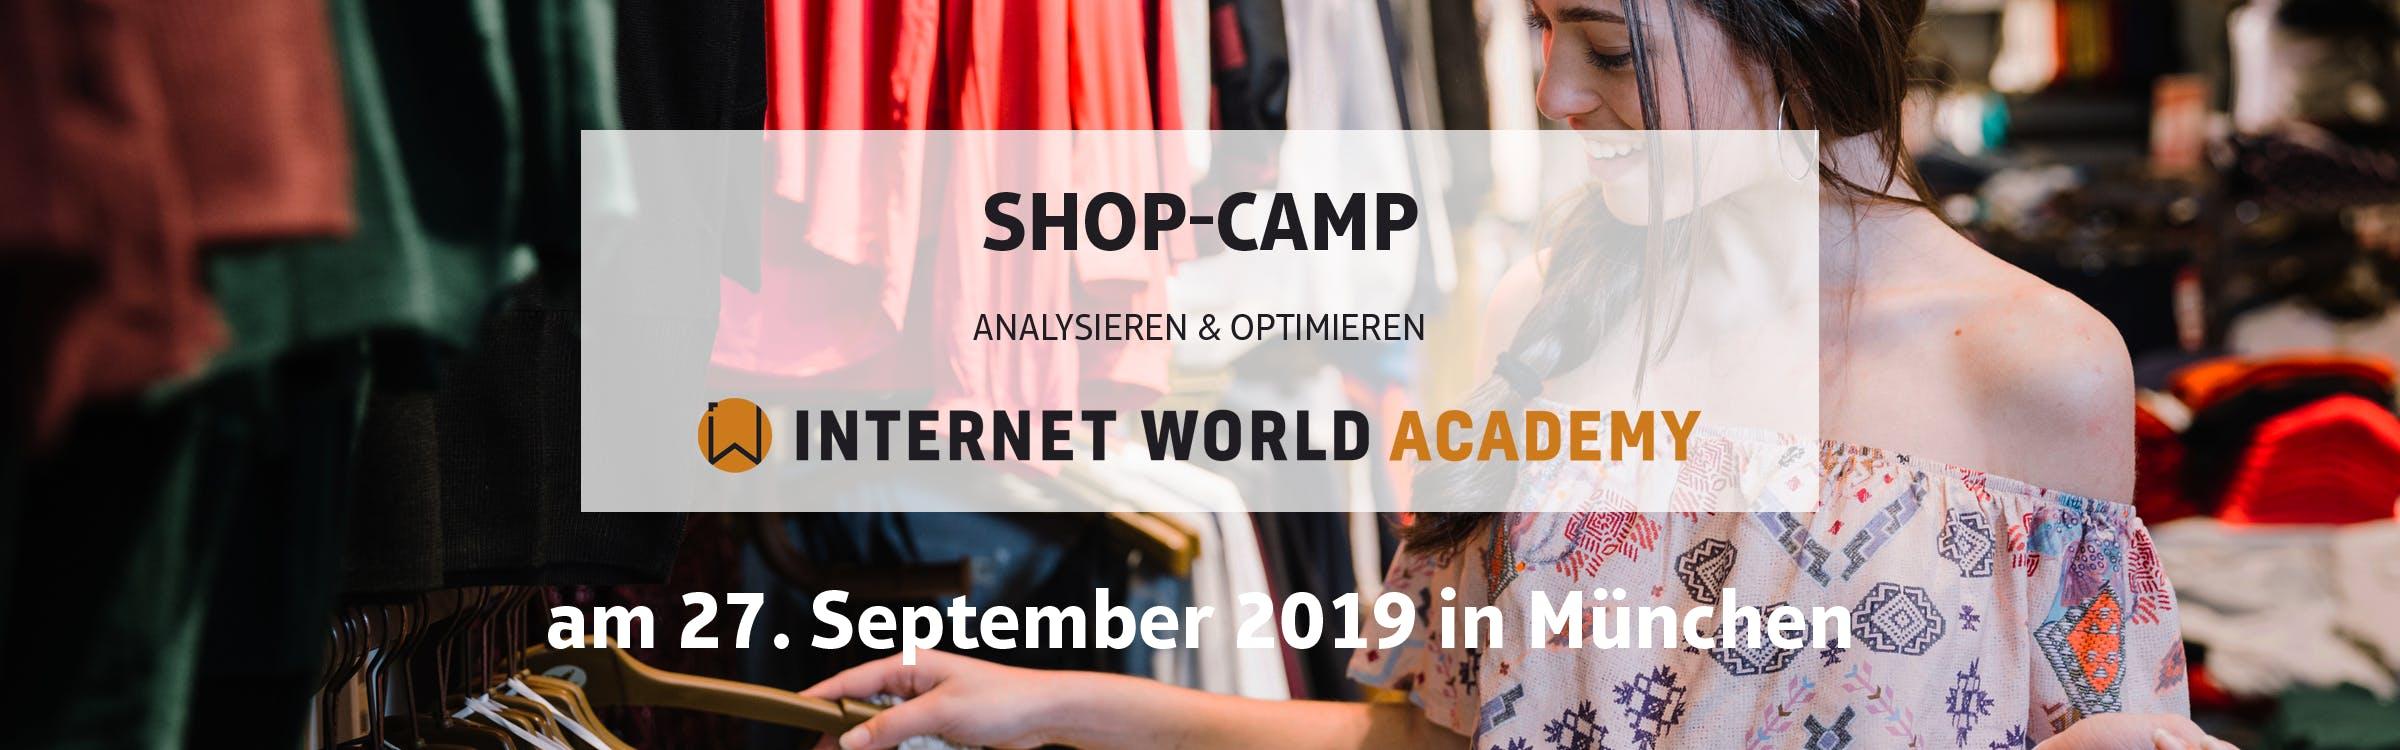 Shop-Camp: Analysieren & Optimieren